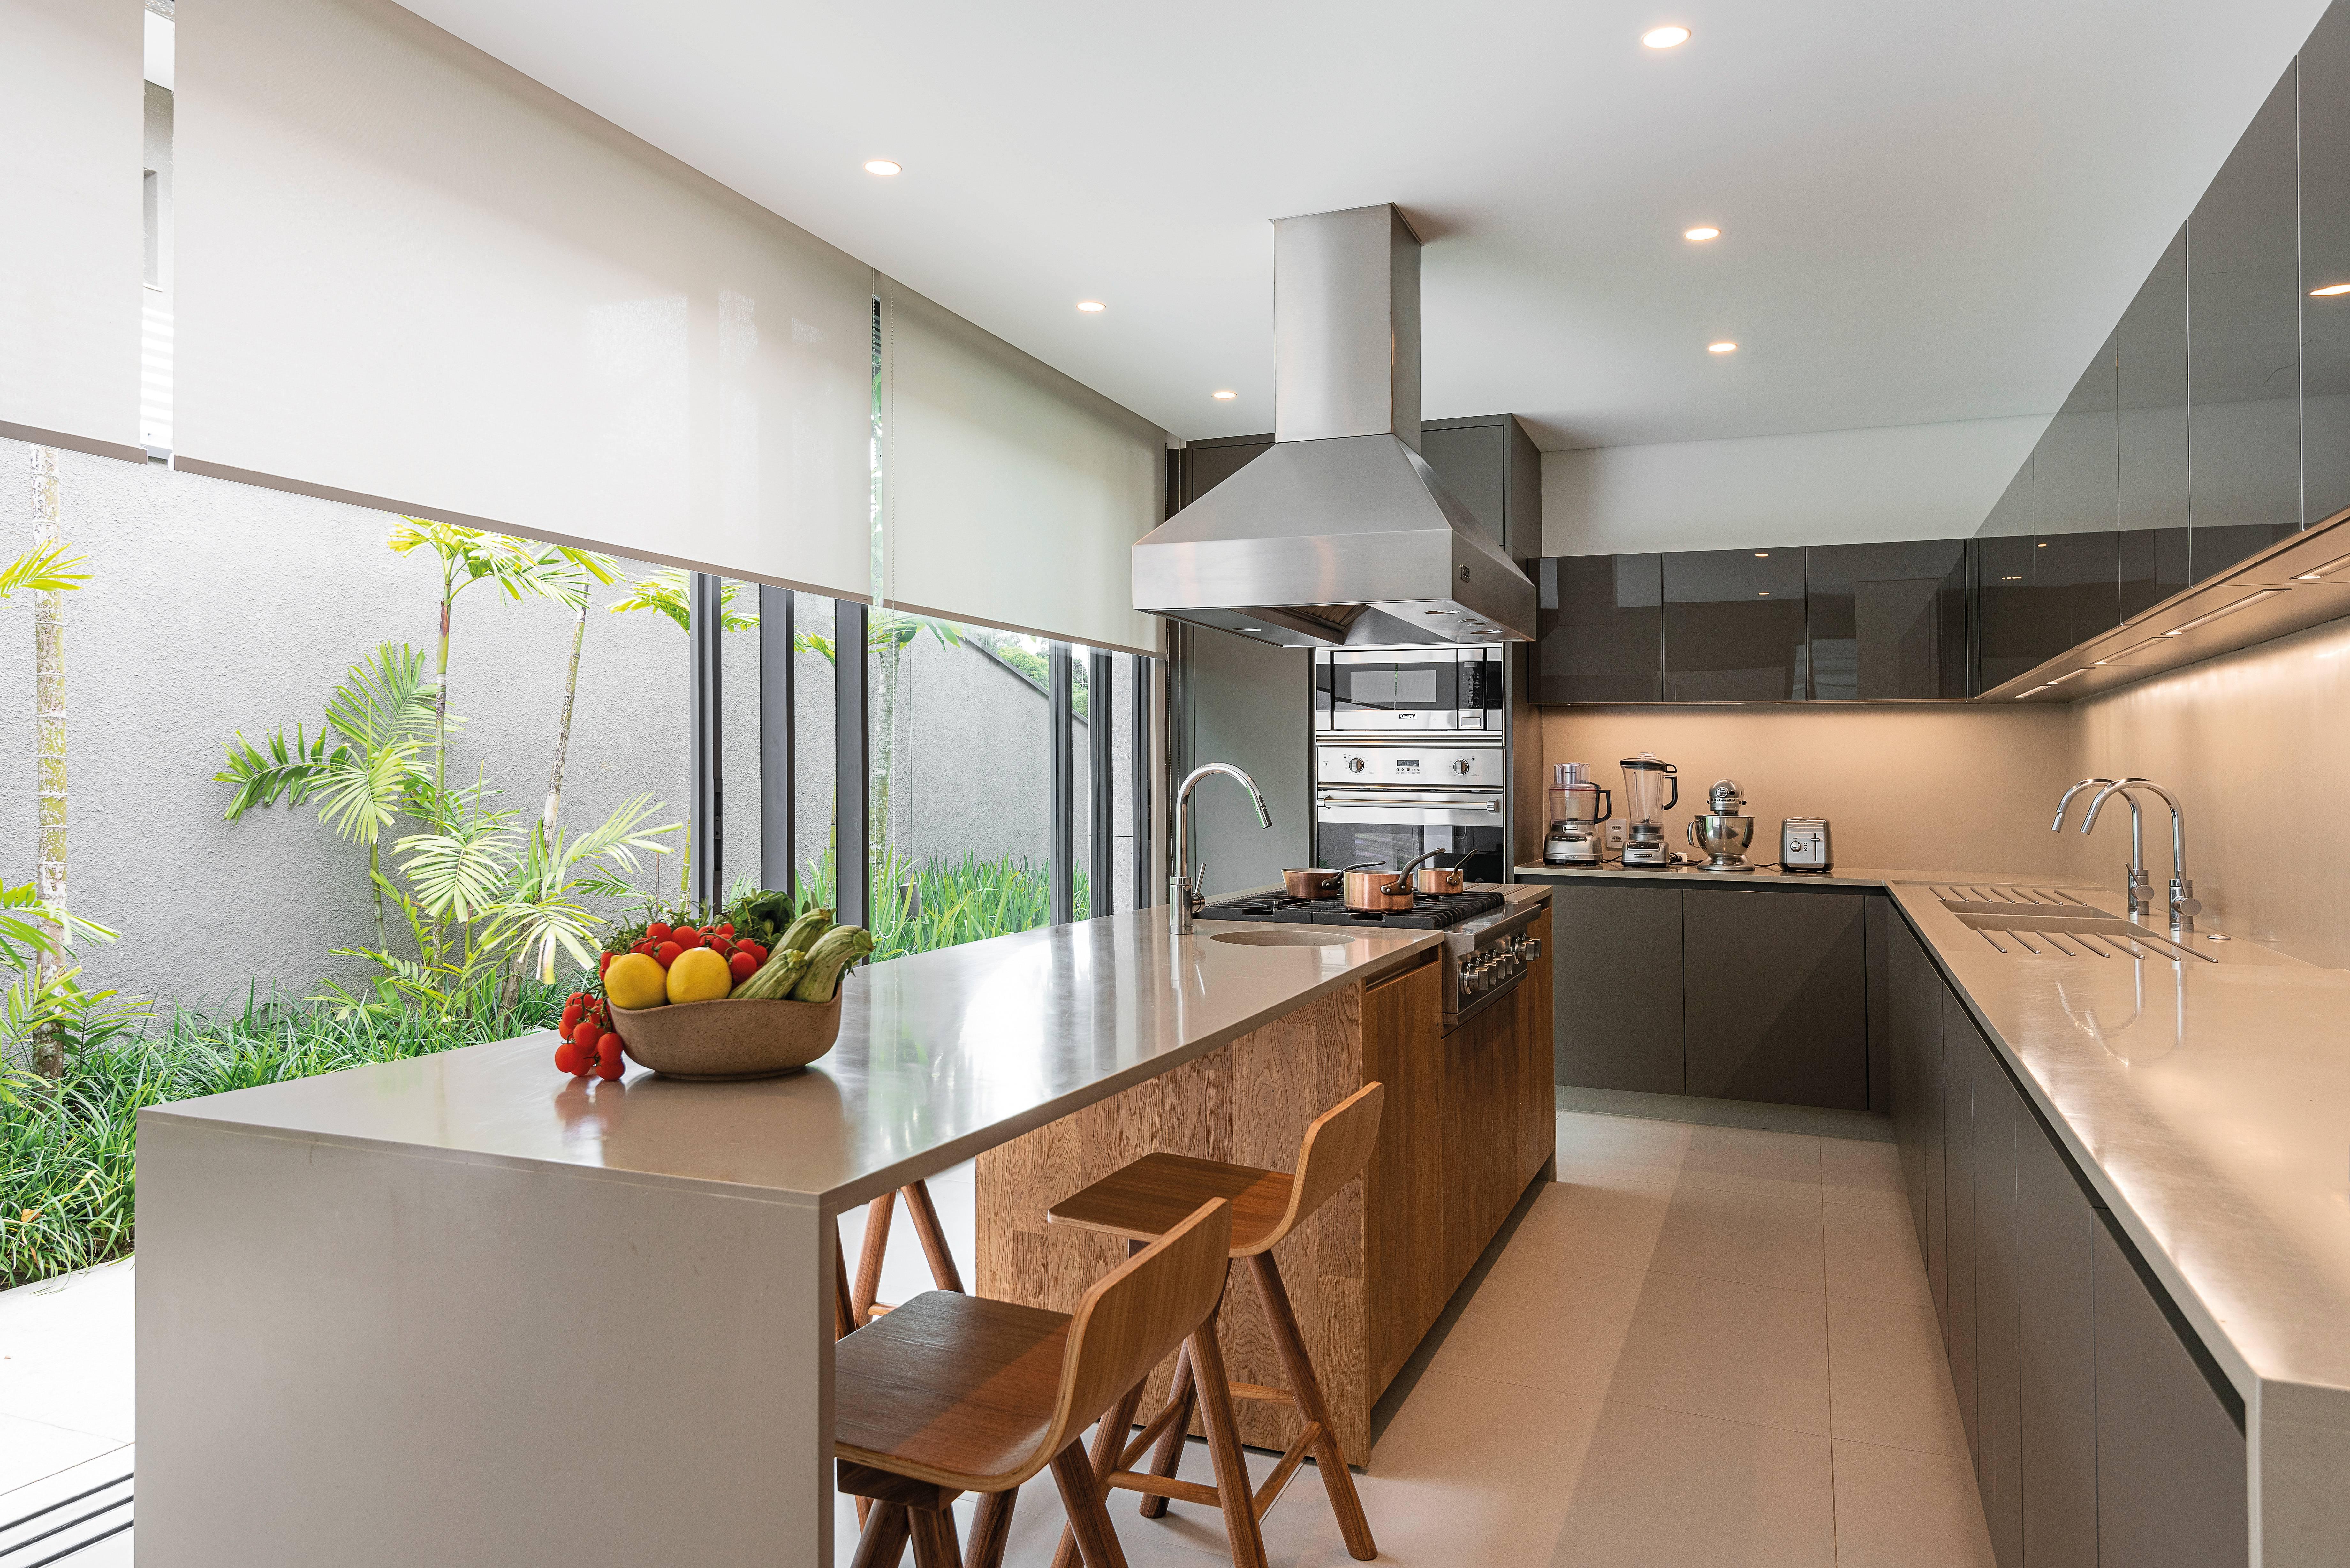 Cozinha interna foca na praticidade.